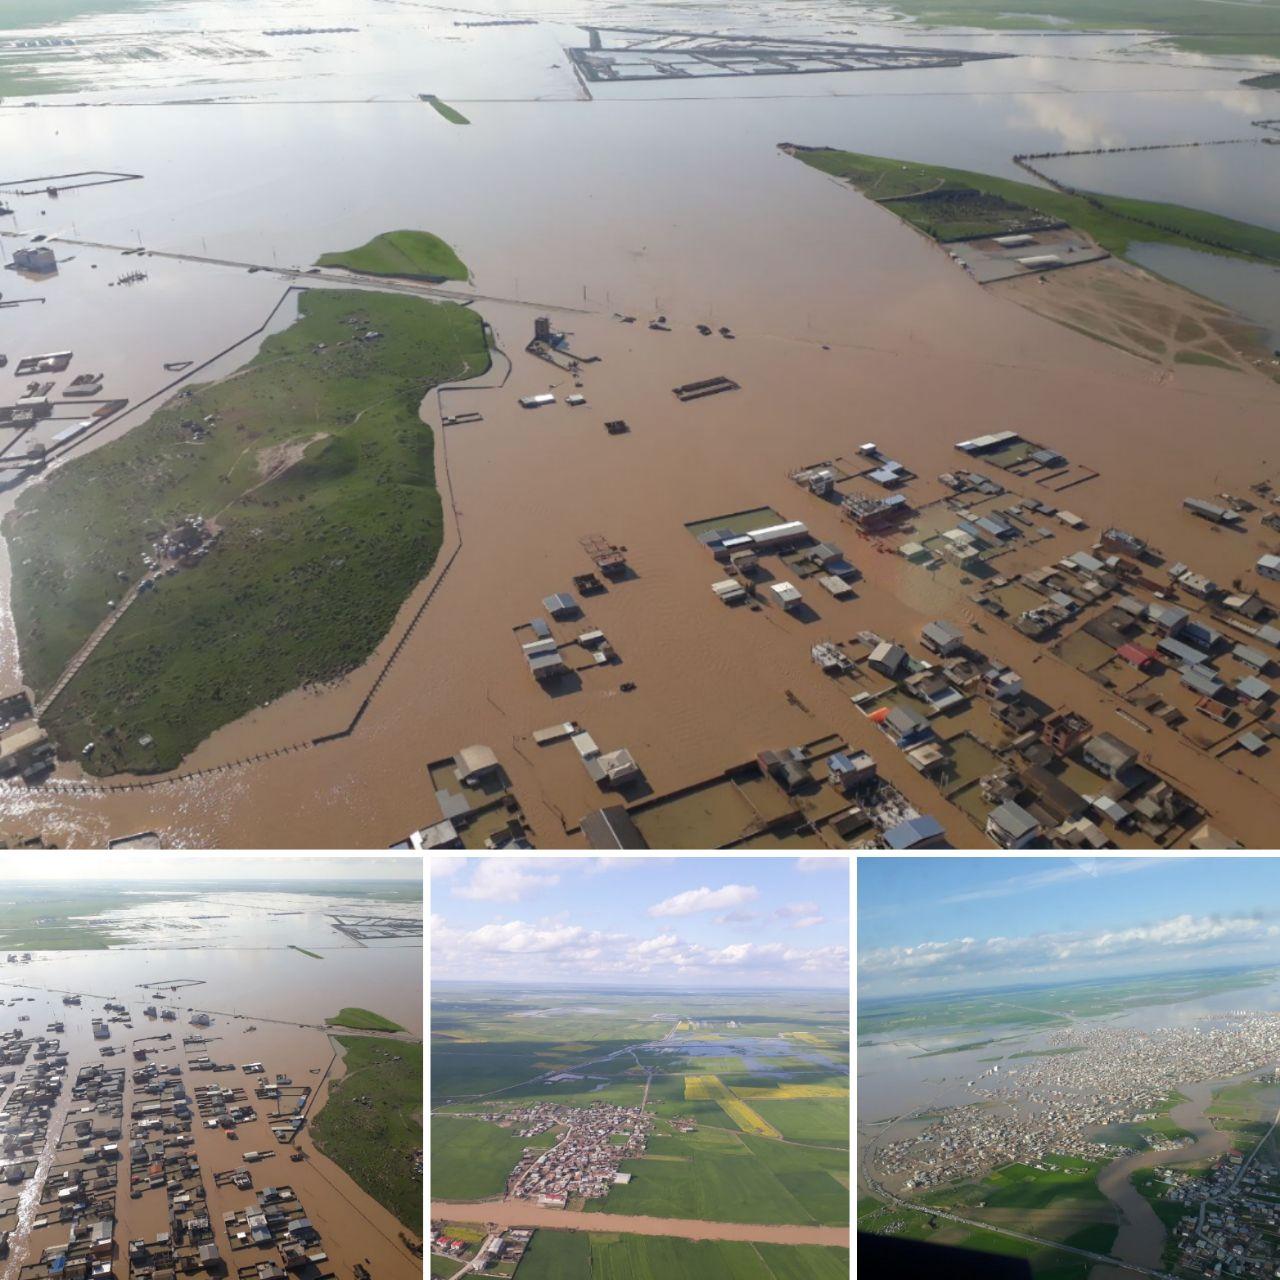 مردم سیمین شهر و روستاهای حاشیه گرگانرود در گمیشان خانه های خود را تخلیه کنند